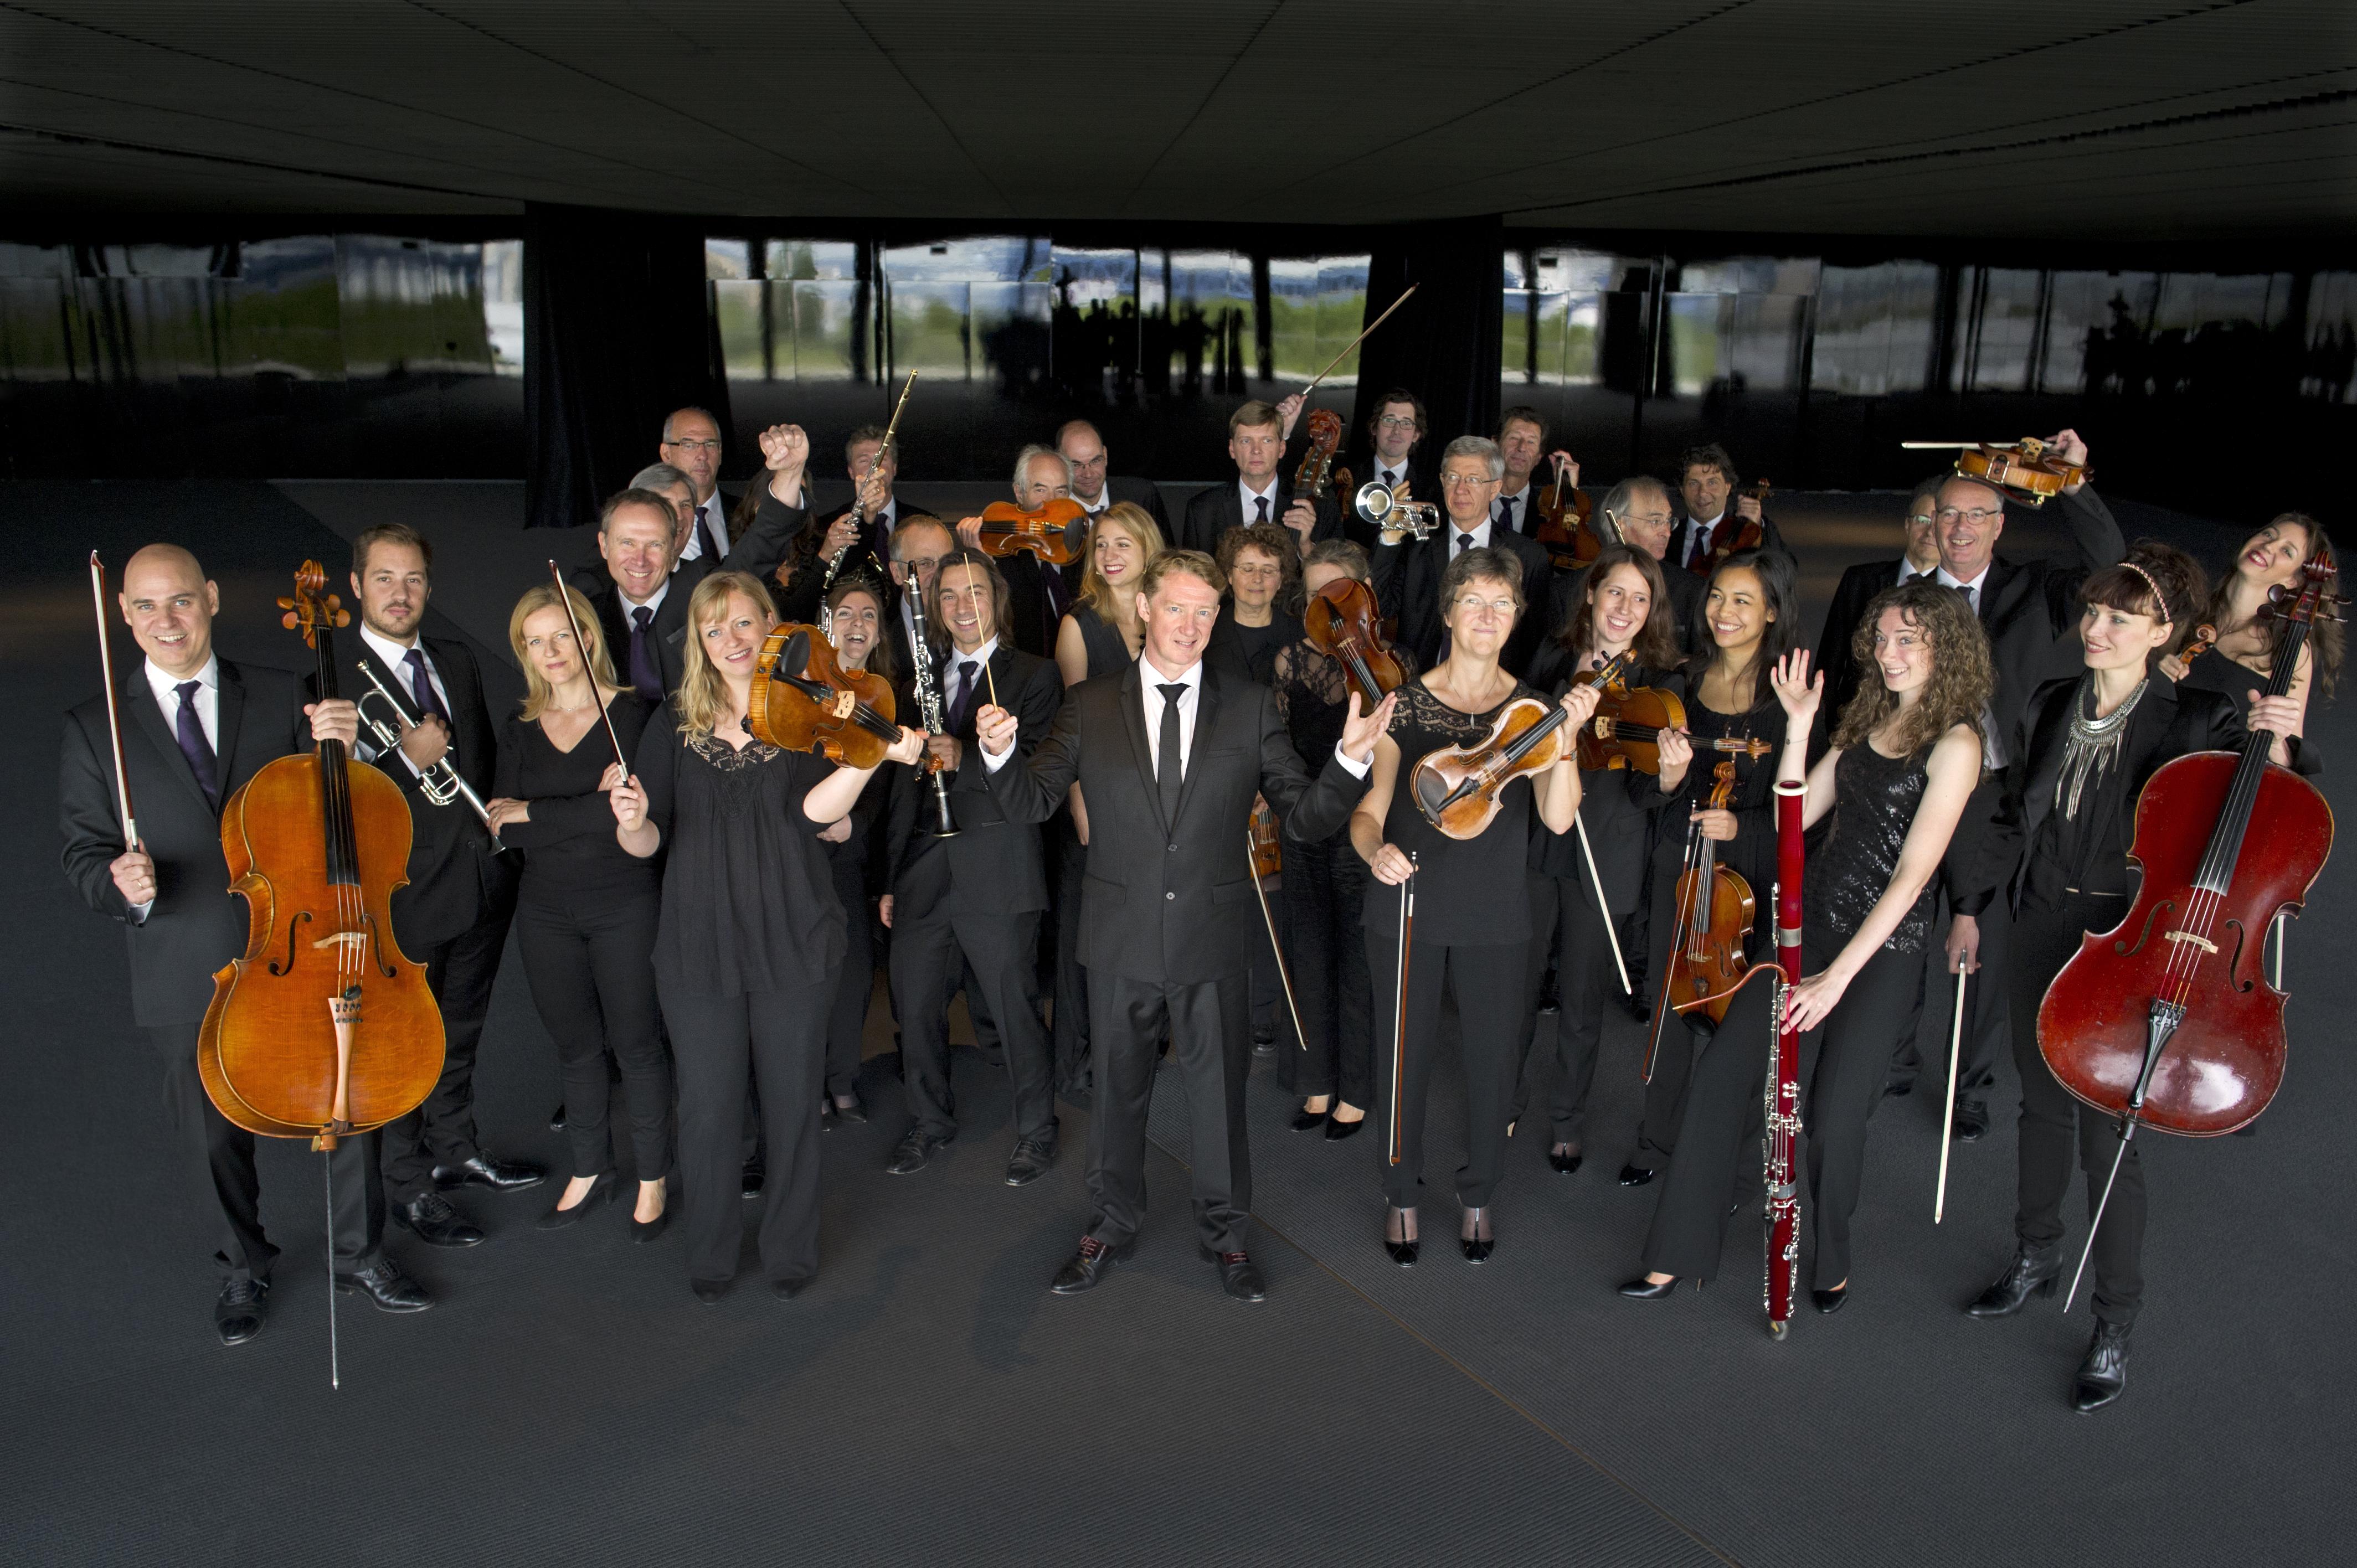 Orchestre de chambre de paris jean baptiste millot - Orchestre de chambre de paris ...